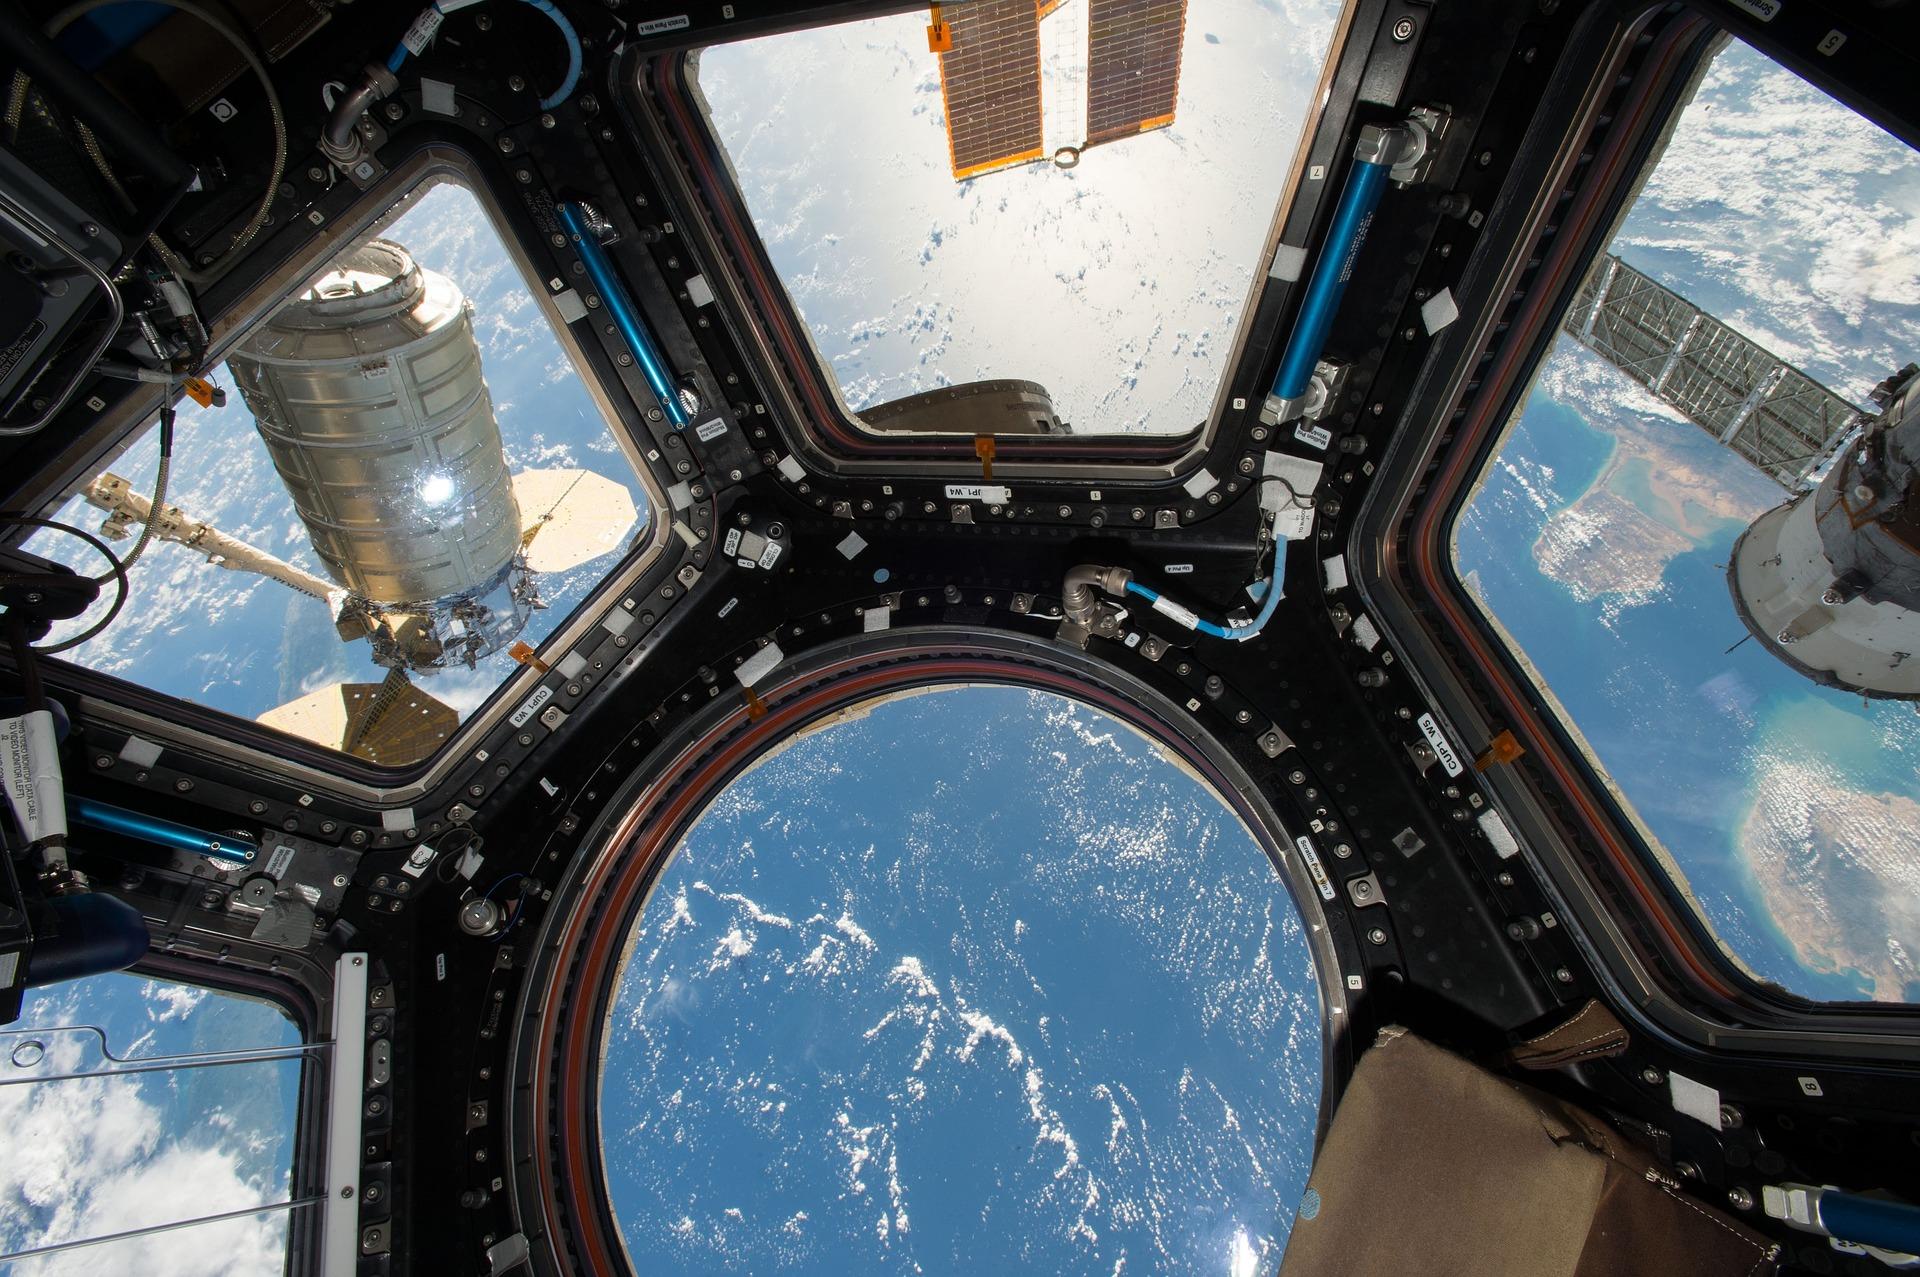 #2 Widok stacja kosmiczna - fizyka, astronomia, kosmos